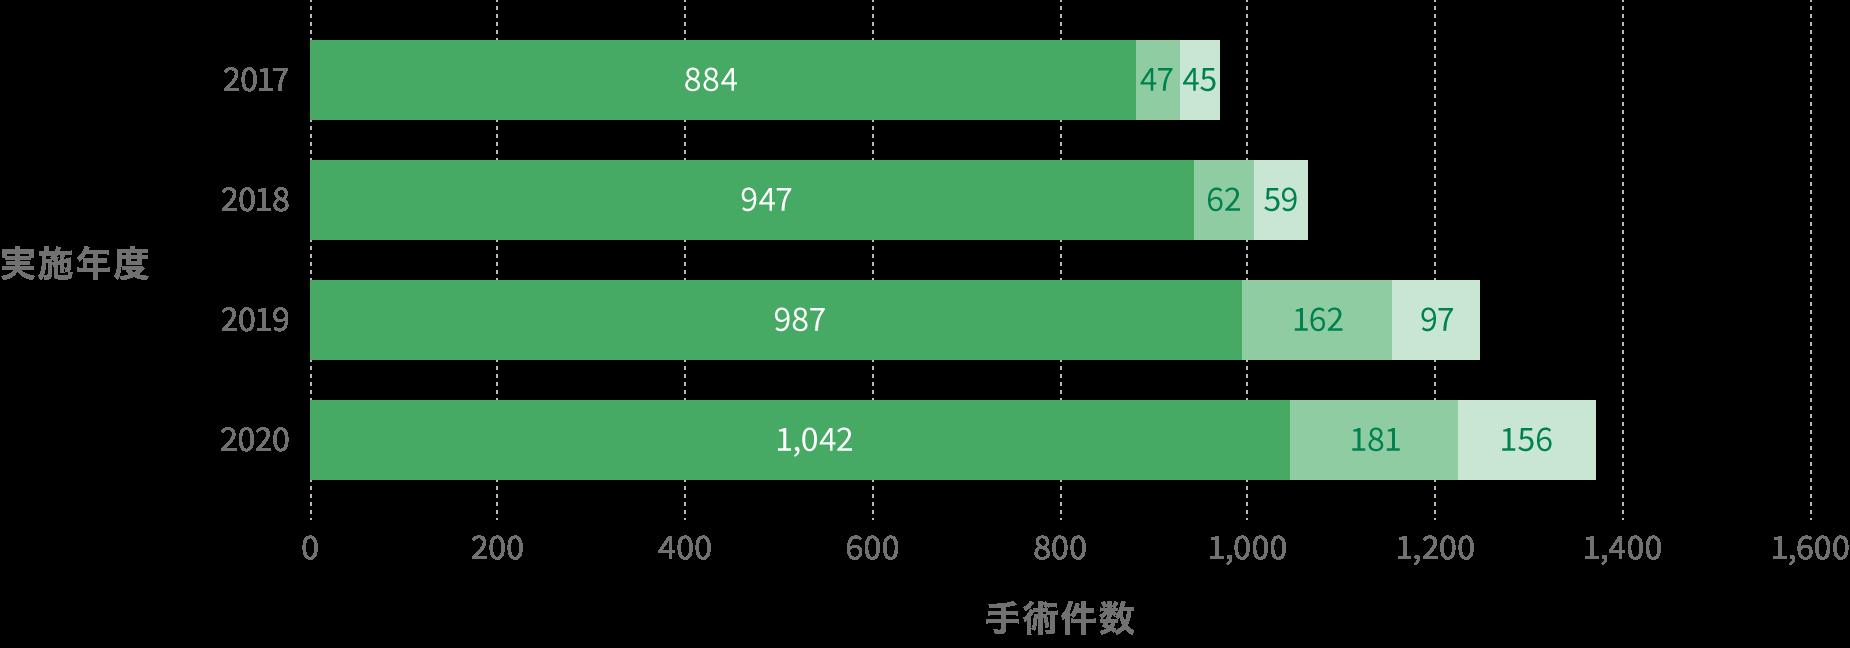 手術件数実績のグラフ